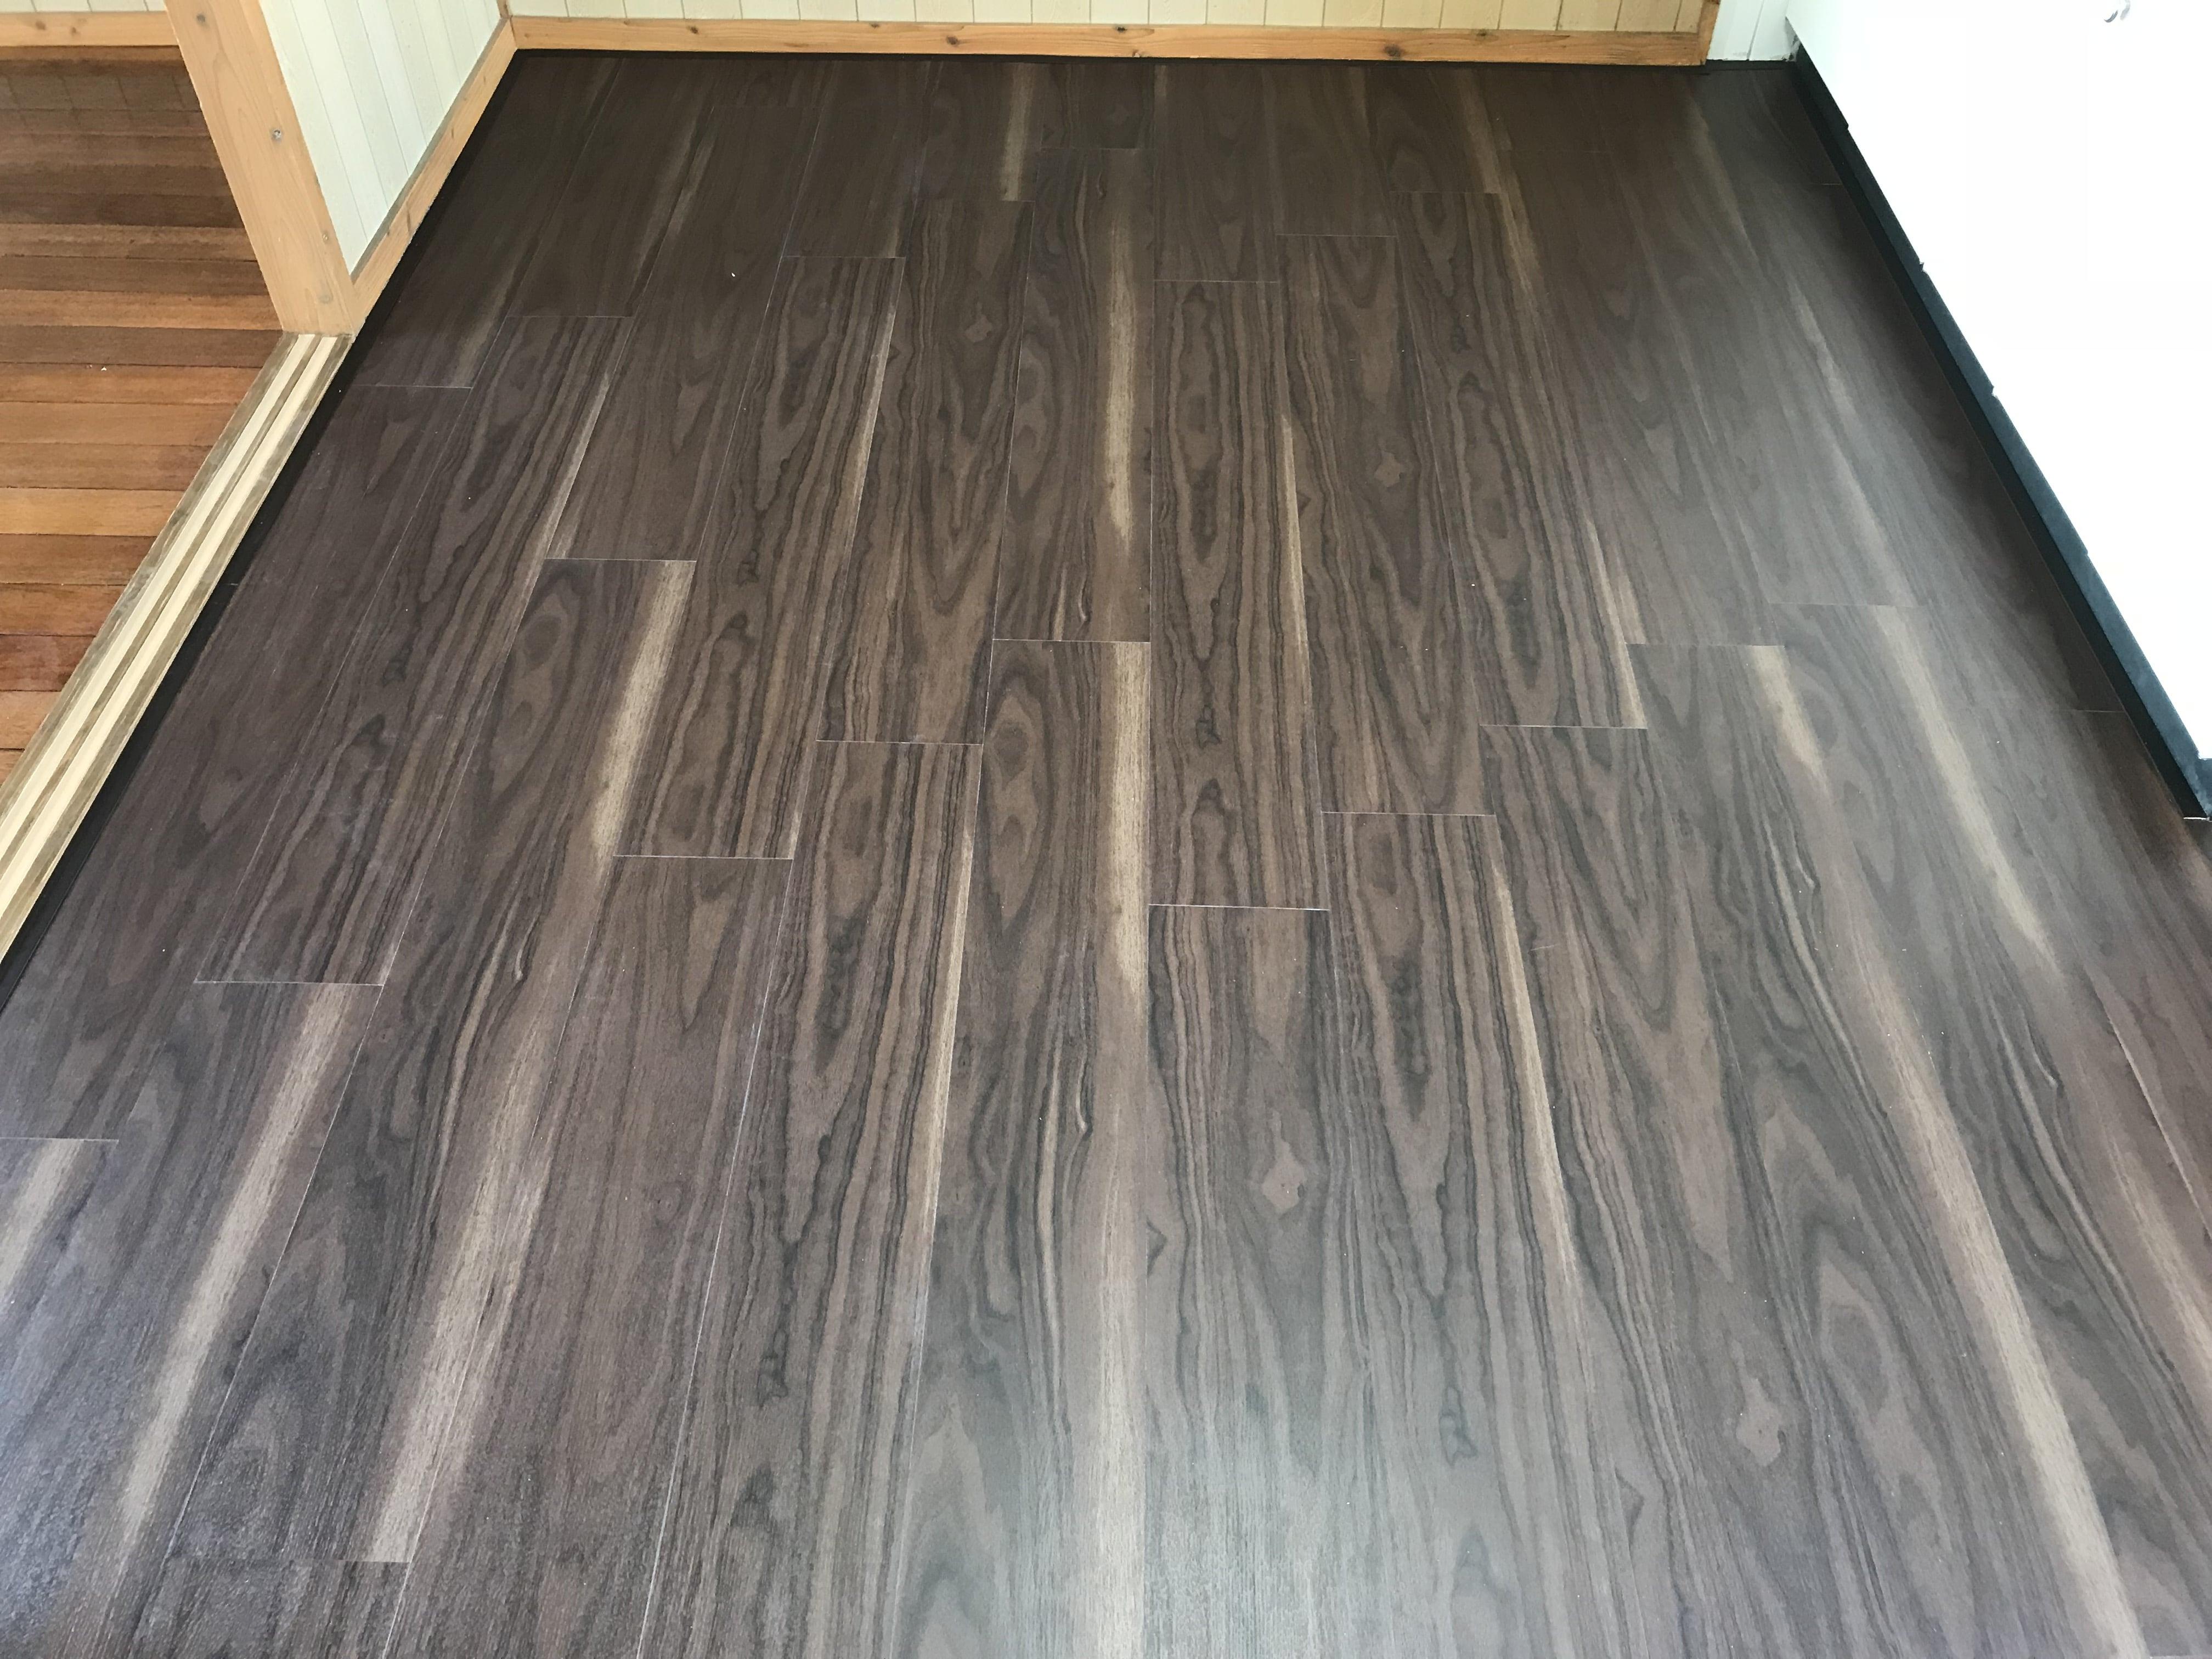 リフォーム用上張り床材の施工(マンションでの短期間施工可能)のイメージその5